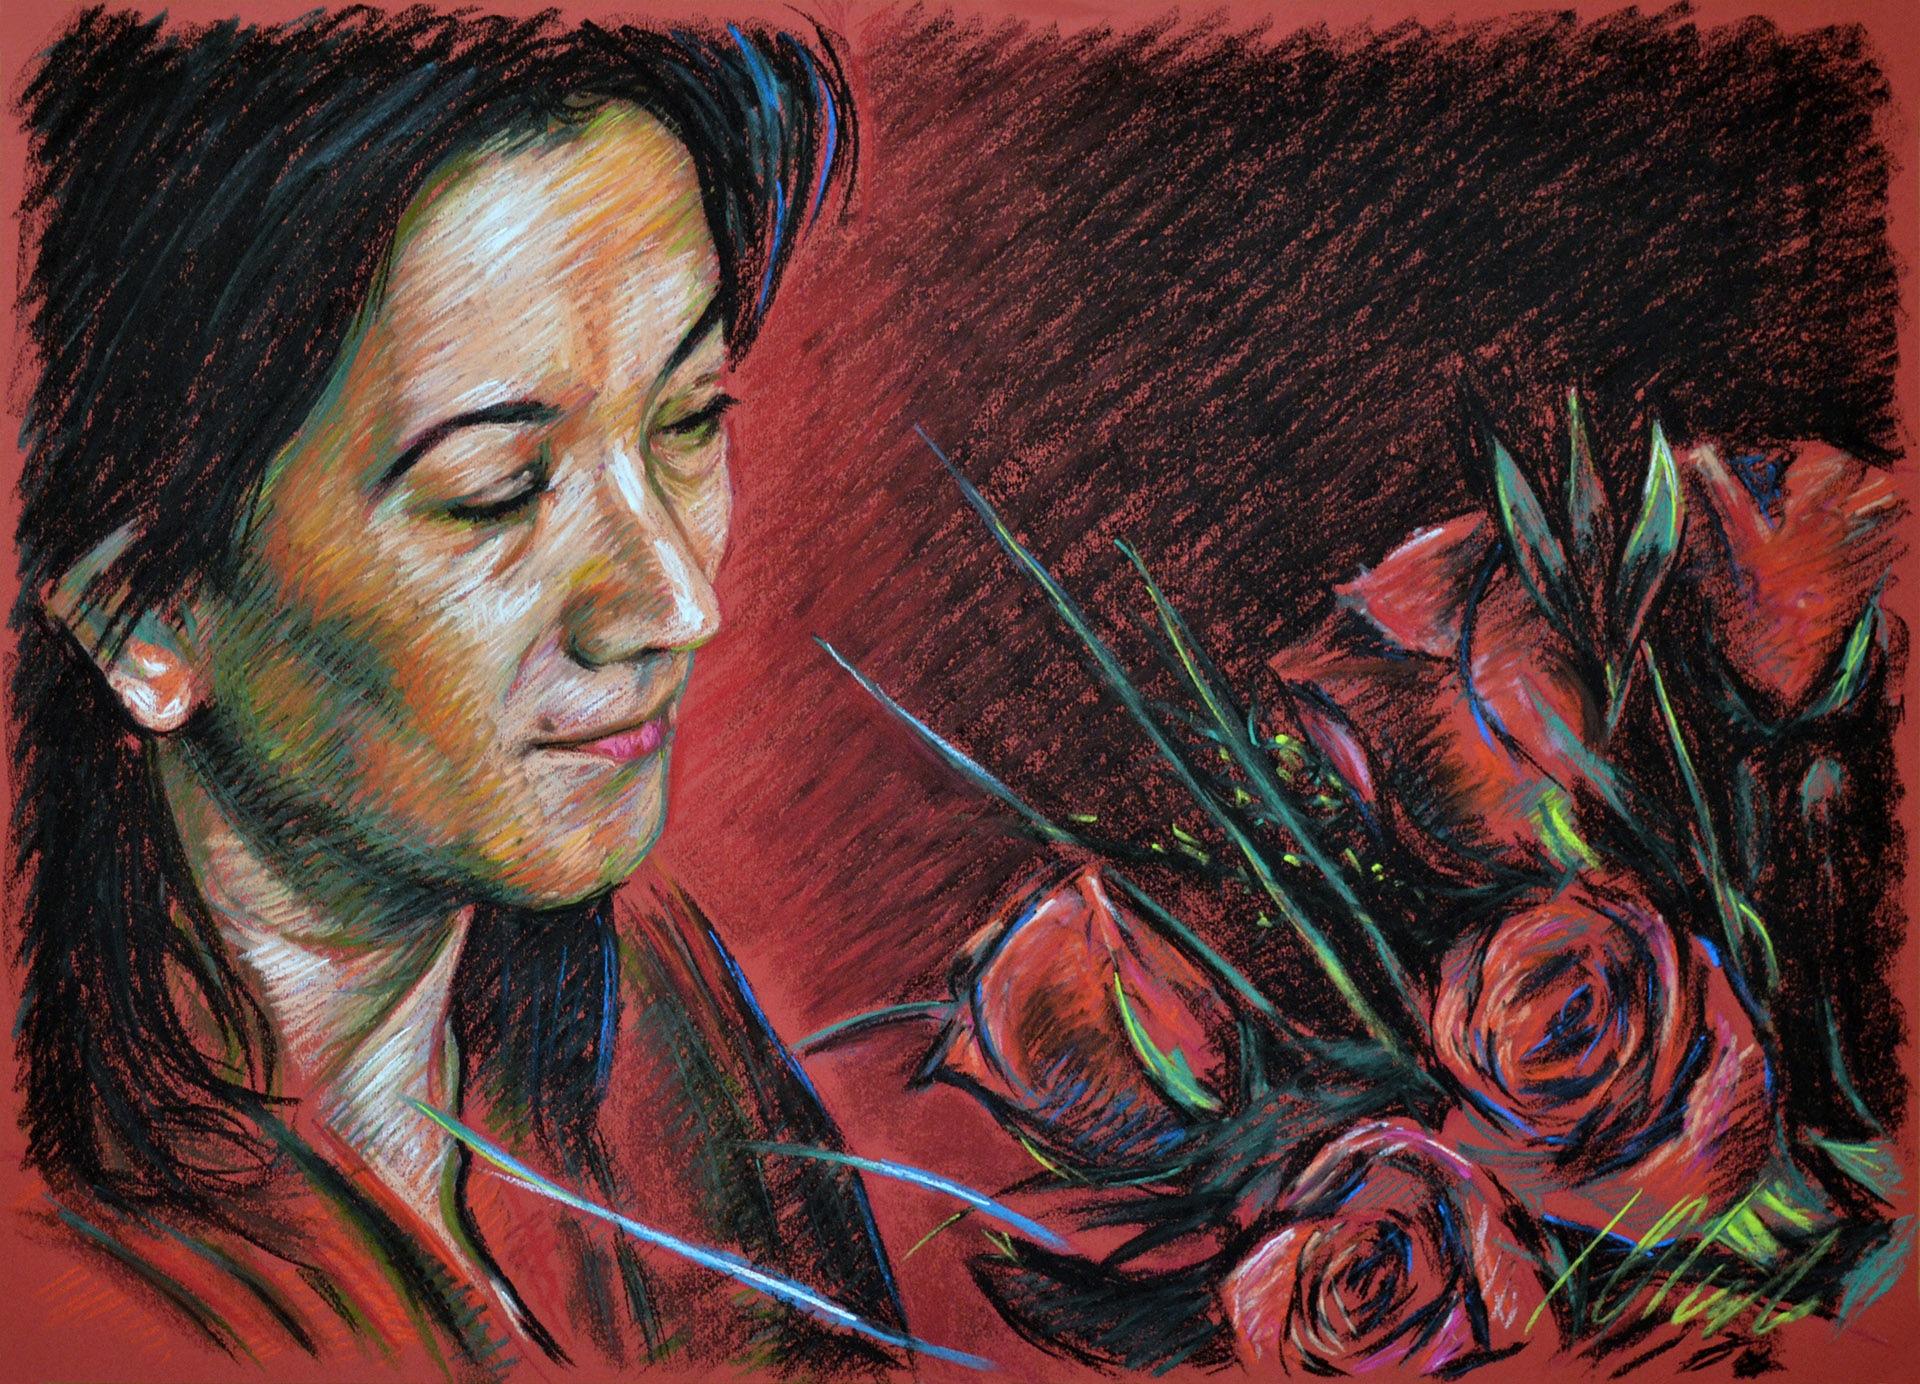 Boceto en rojo. Javier Olmedo, retrato en pastel, 2013